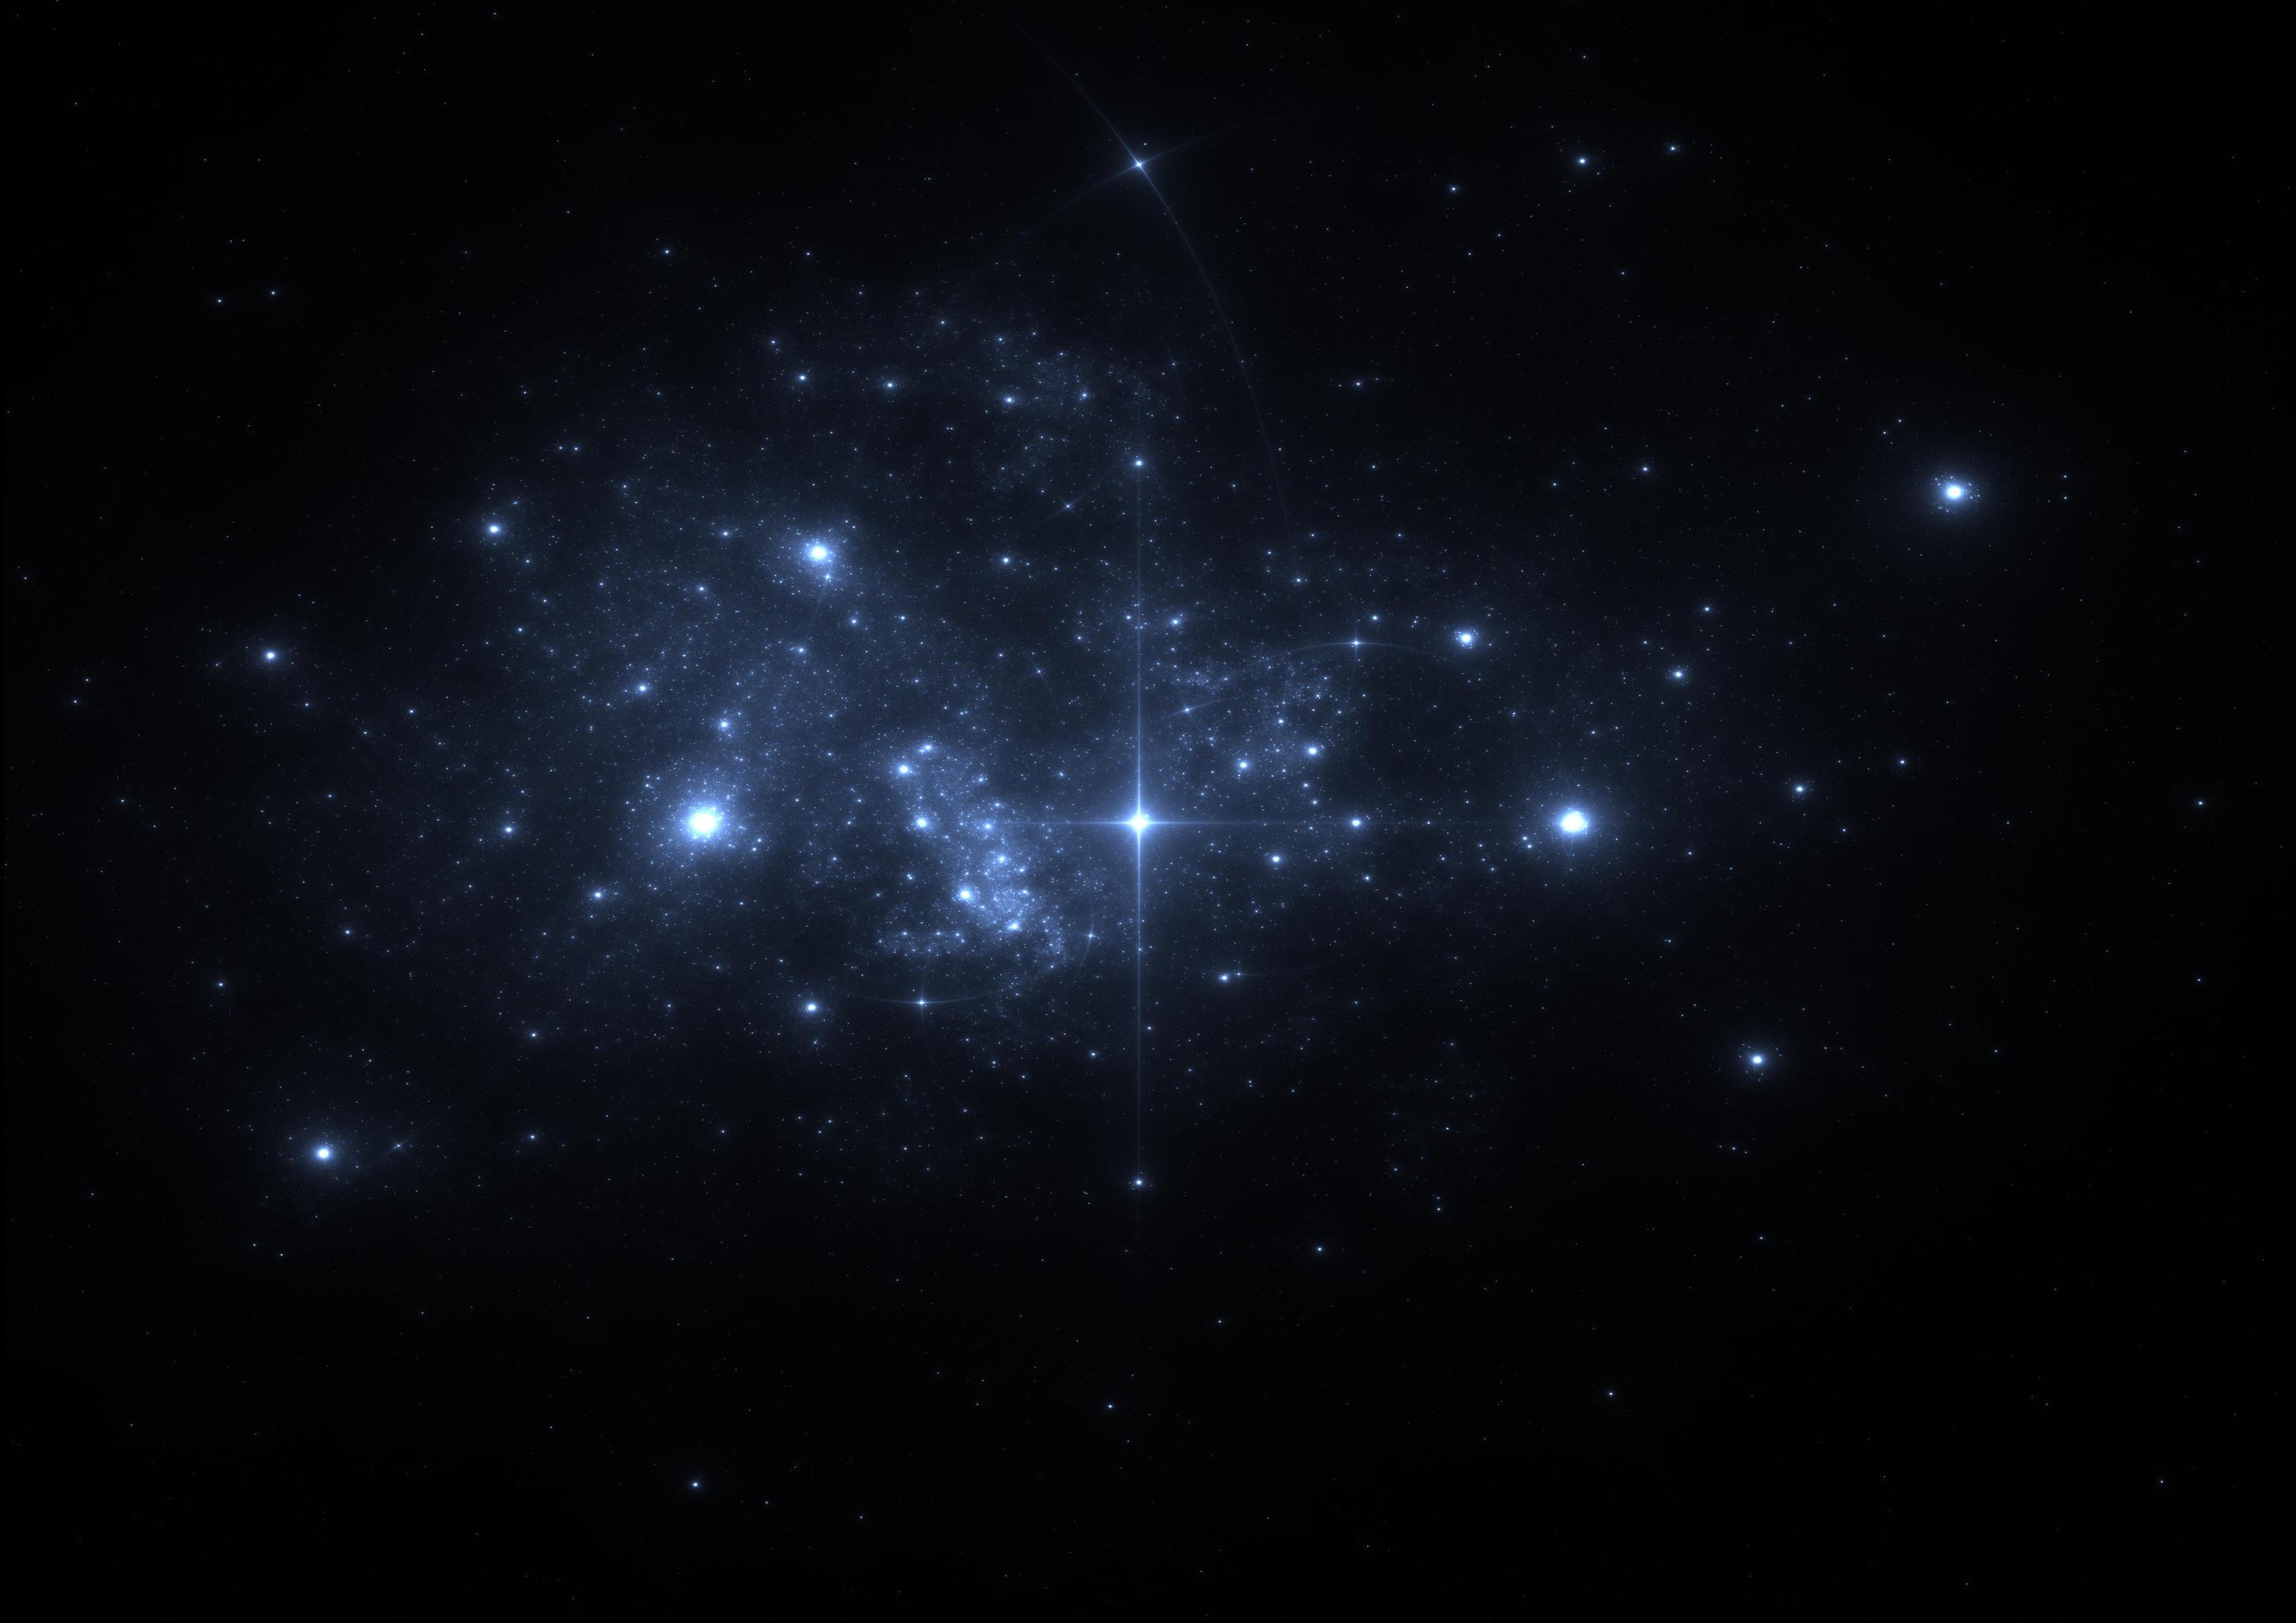 Stars by PaulineMoss